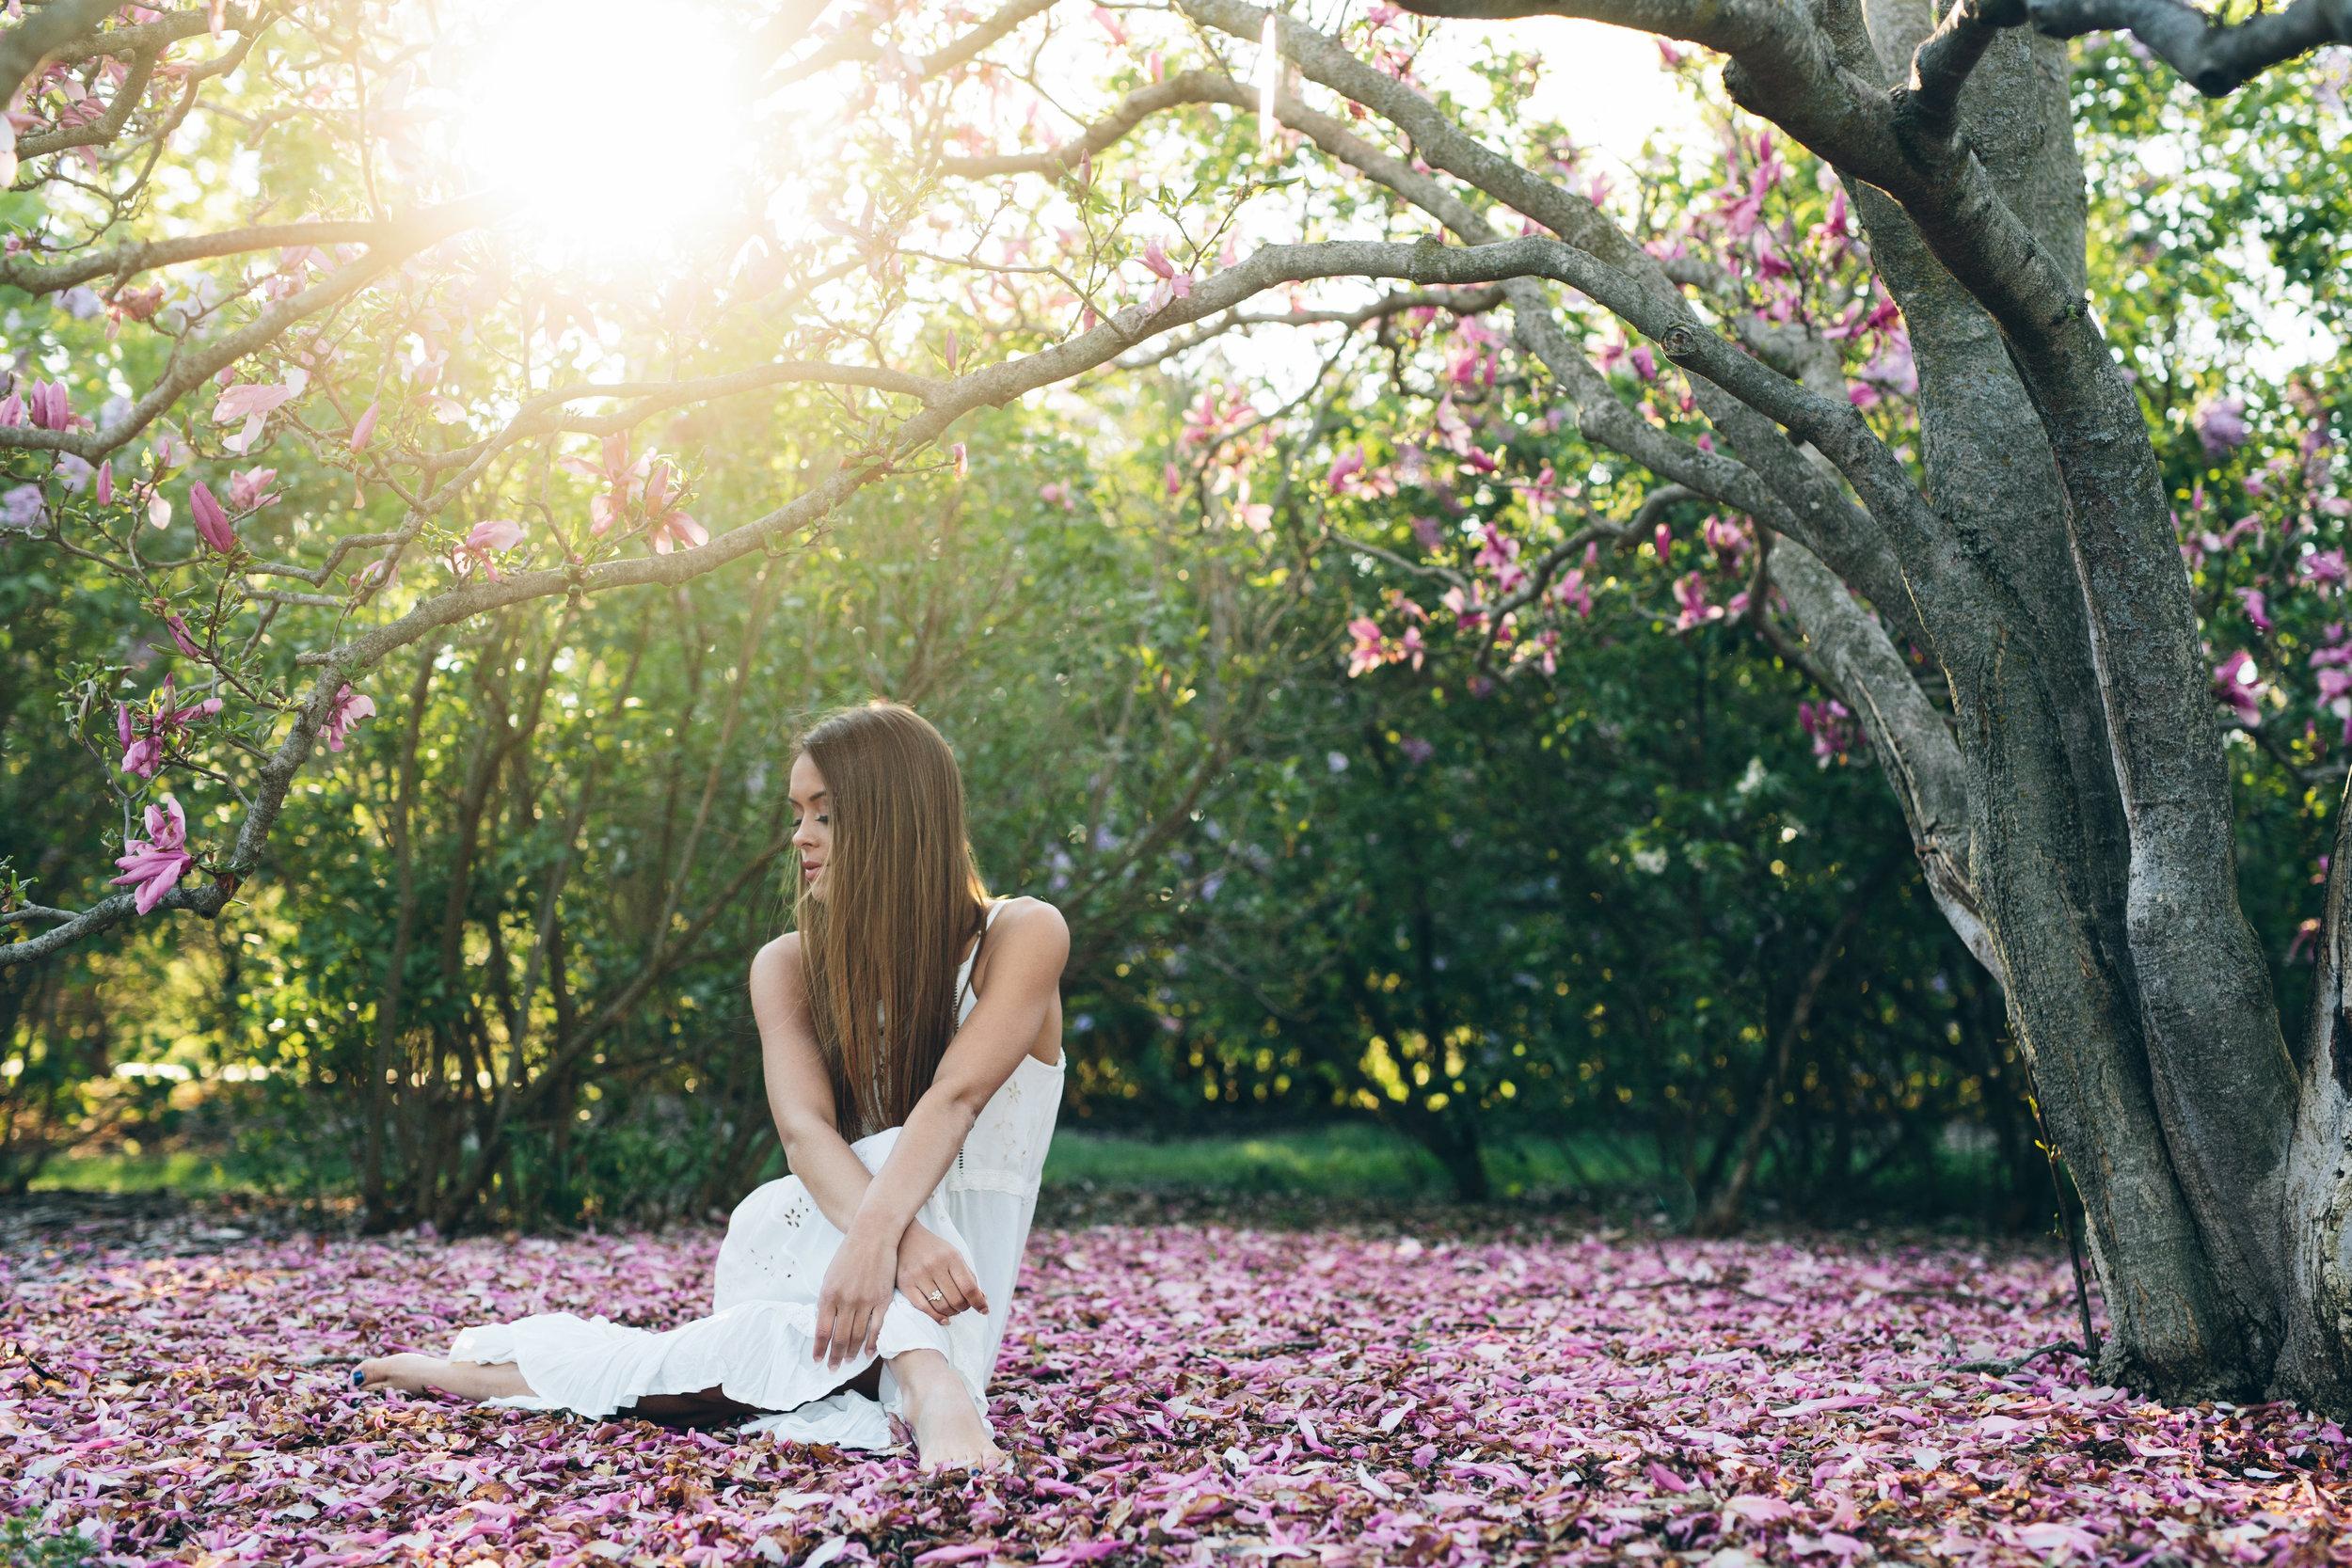 Spring magnolias senior picture photo shoot at the Arboretum in Madison, WI.